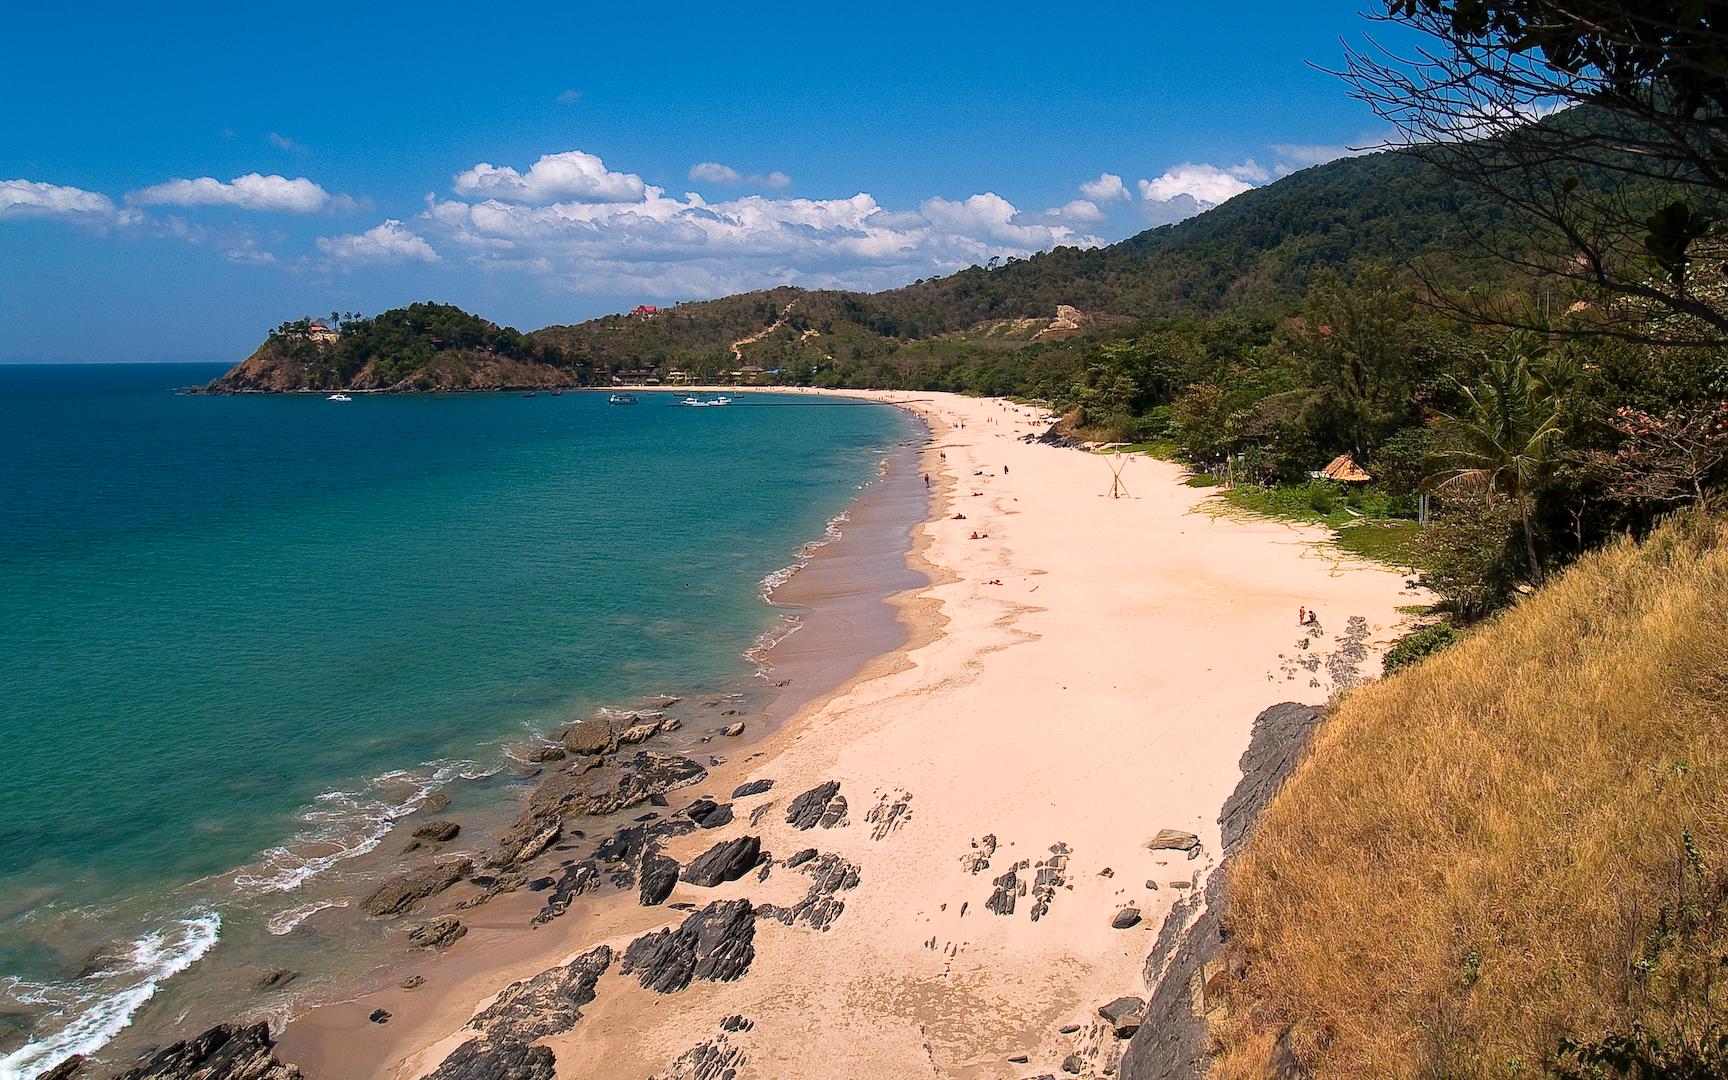 Ko_Lanta_Beach.jpg?1538585599